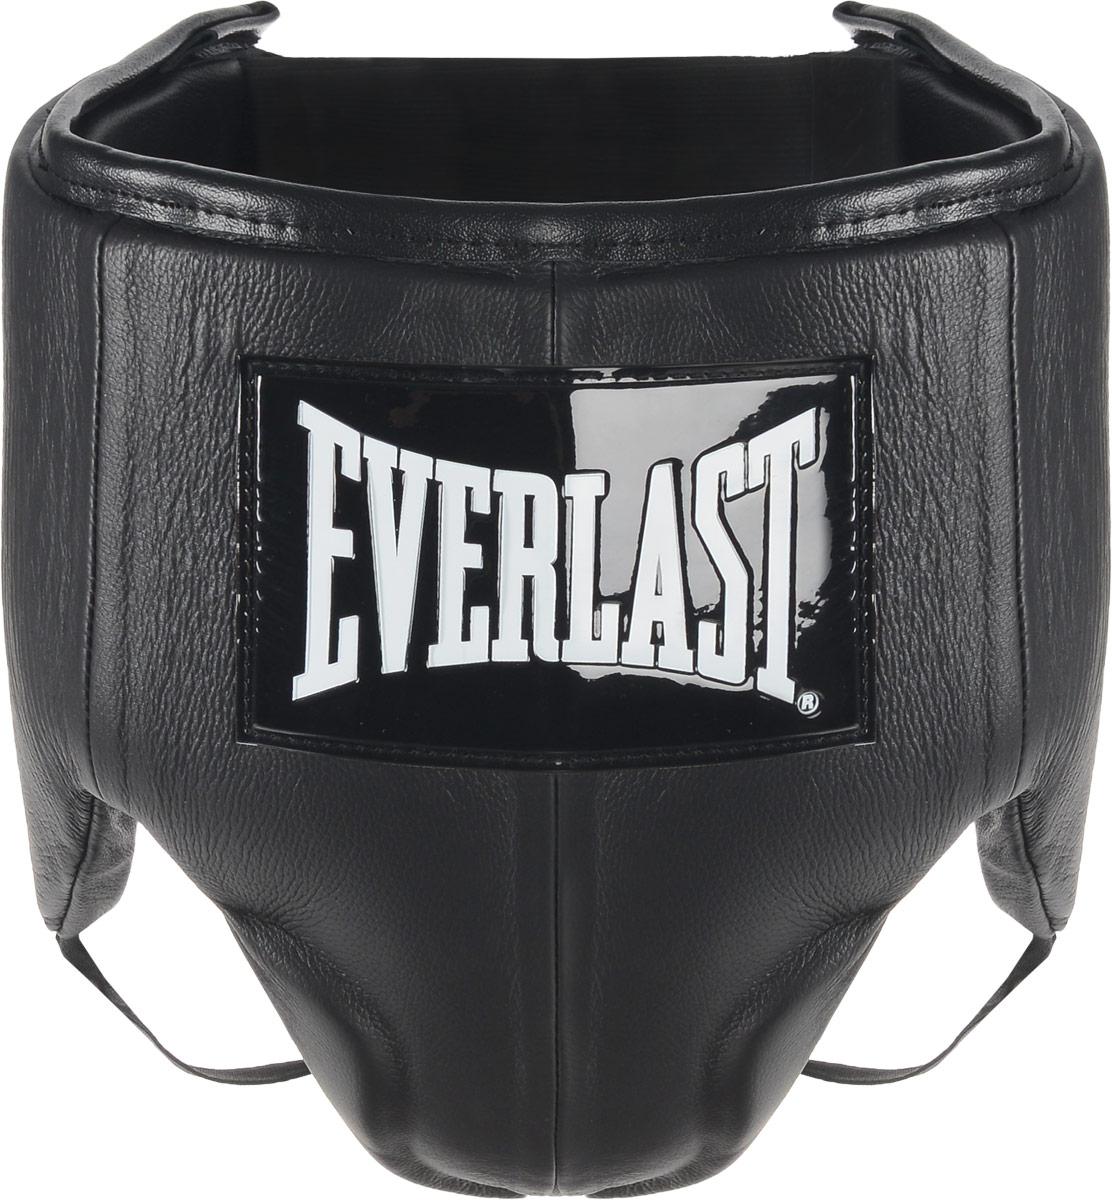 Защита паха мужская Everlast Velcro Top Pro, цвет: черный, белый. Размер XL440601UEverlast Velcro Top Pro это удобный обтягивающий бандаж, идеально подходящий как для тренировочных спаррингов, так и для боя на ринге. Бандаж изготовлен из высококачественной натуральной кожи, а подкладка набита пенным наполнителем высокой плотности, благодаря чему достигается превосходная амортизация ударов. Усовершенствованный облегченный дизайн обеспечивает максимальную подвижность и комфорт, в то же время гарантируя безопасность и полную защиту паха и тазовой области. Удобные застежки на липучке позволят подогнать защиту под ваш размер и плотно зафиксировать ее на теле. Максимальный обхват: 112 см. Минимальный обхват: 101 см.